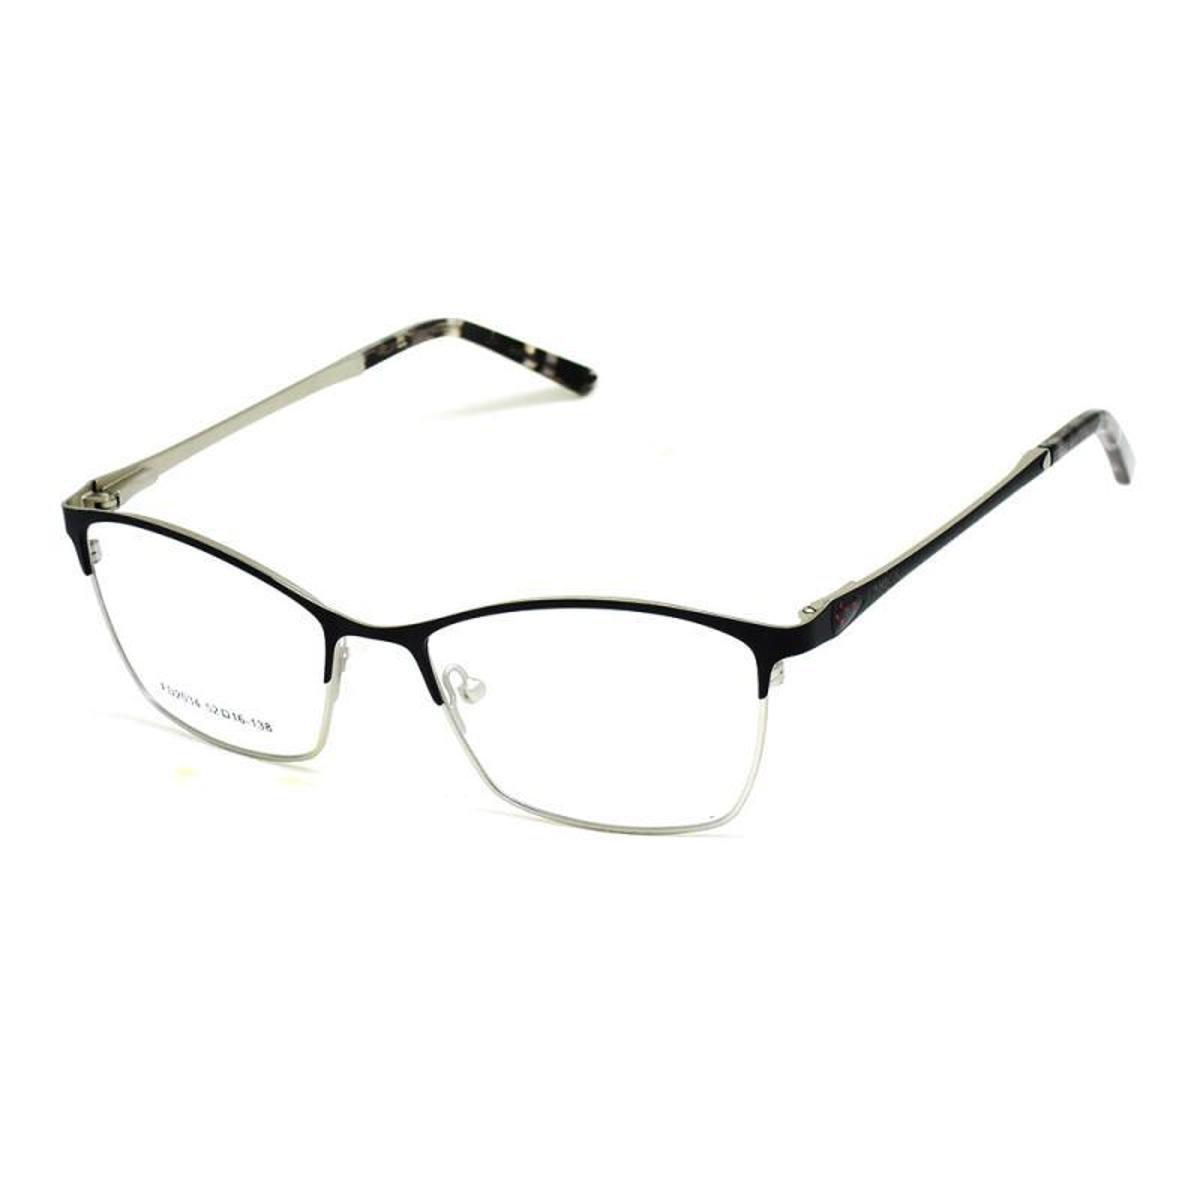 Armação De Óculos De Grau Cannes 2034 T 52 C Metal Feminino - Preto ... db199938ac